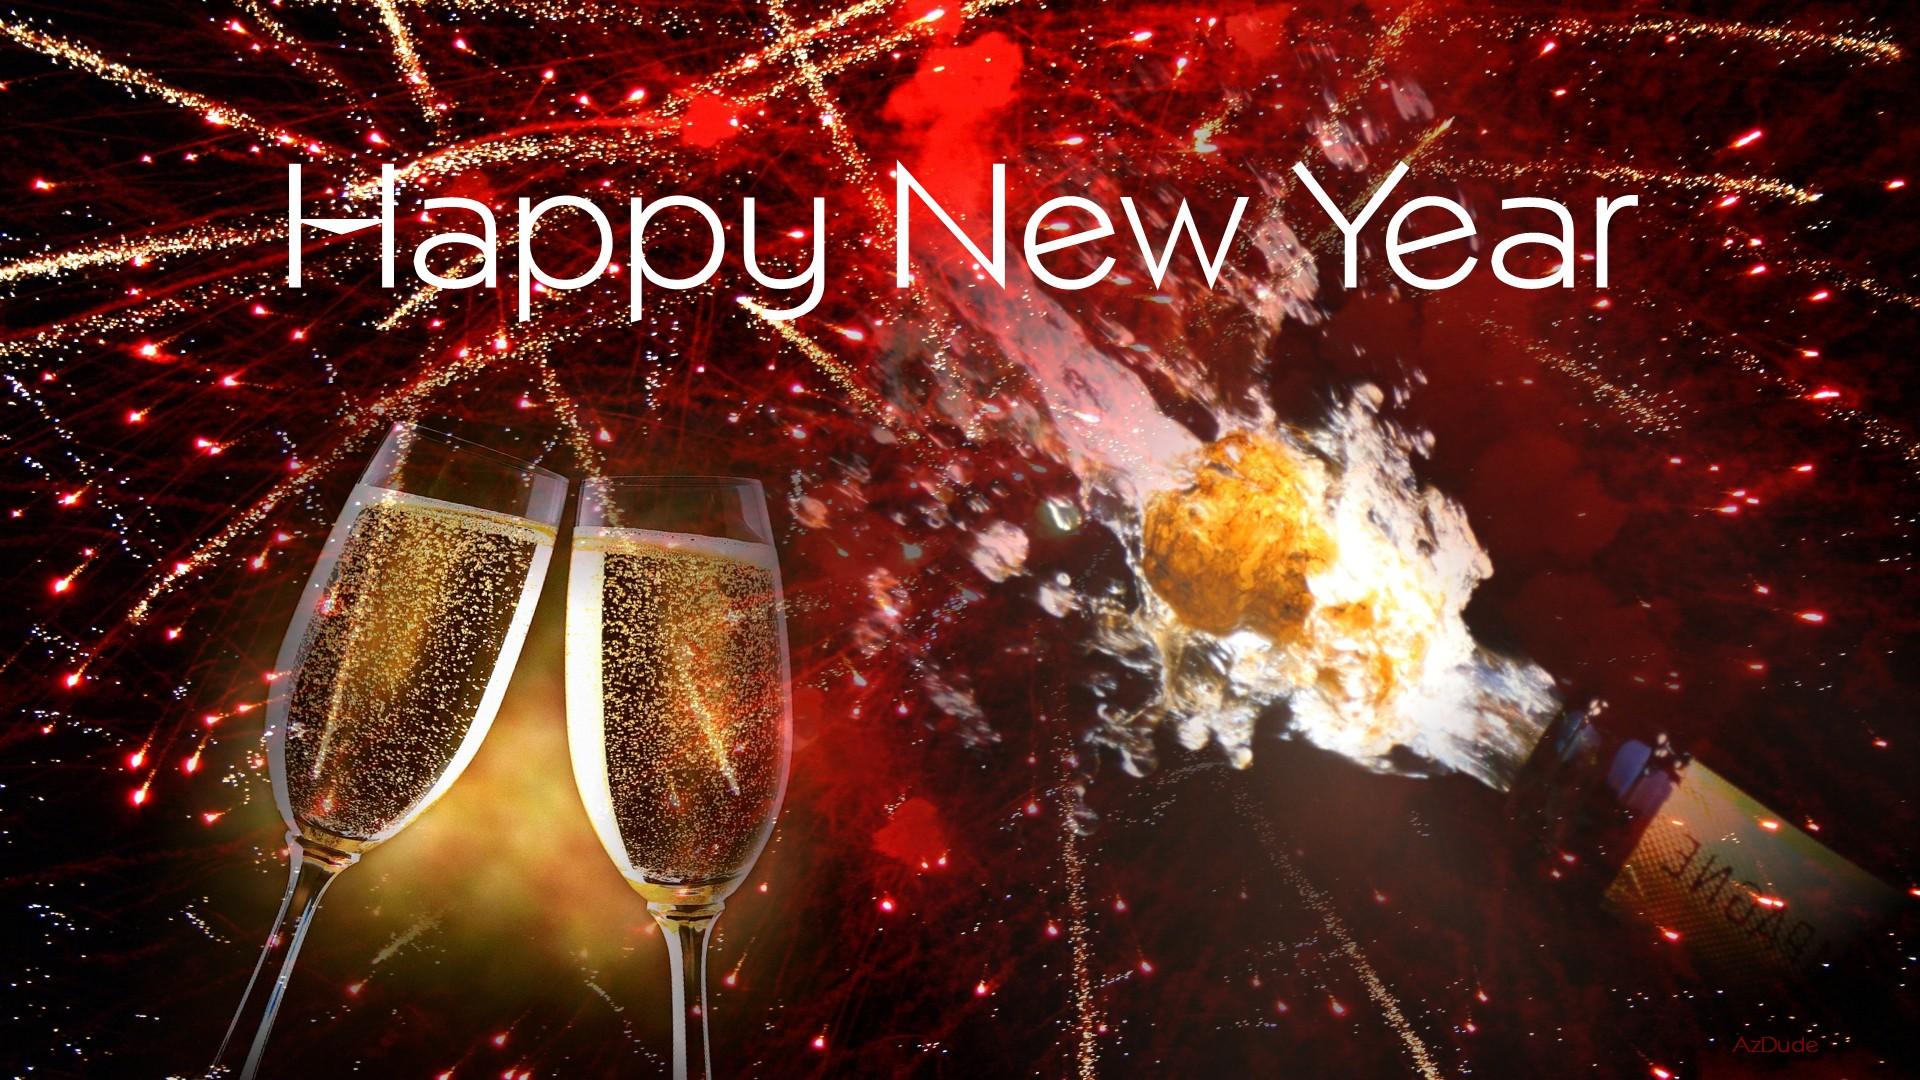 Hình ảnh chúc mừng năm mới đẹp (4)